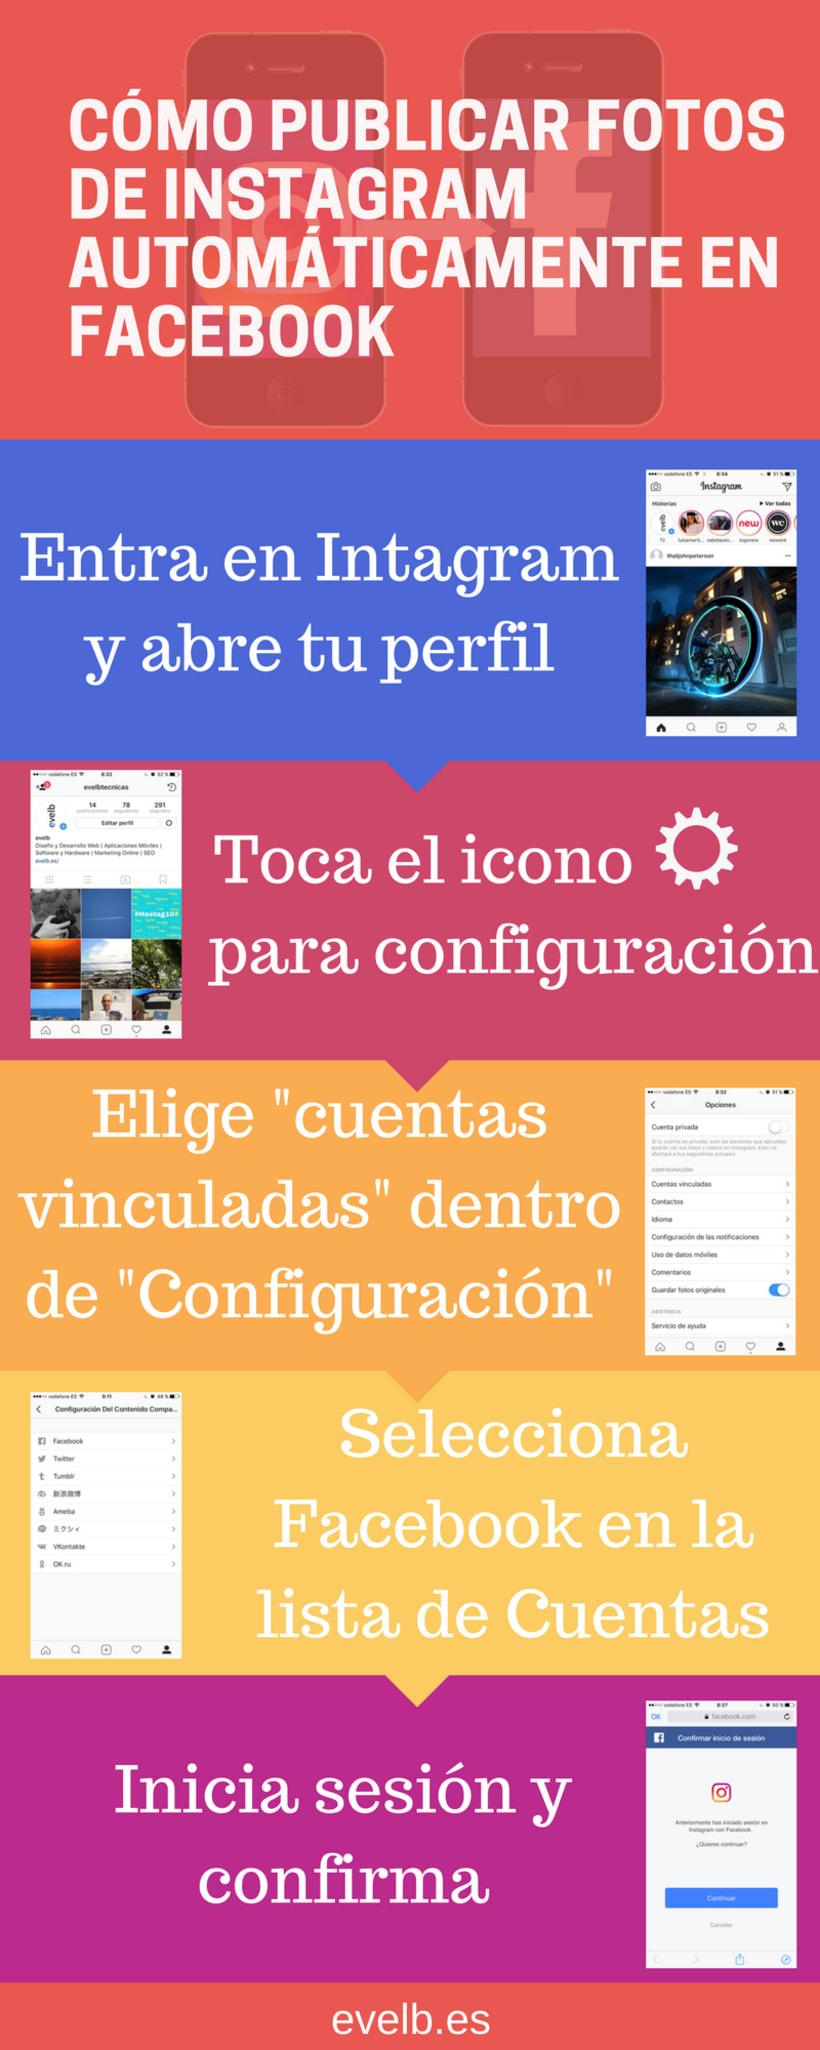 Infografías evelb.es 29